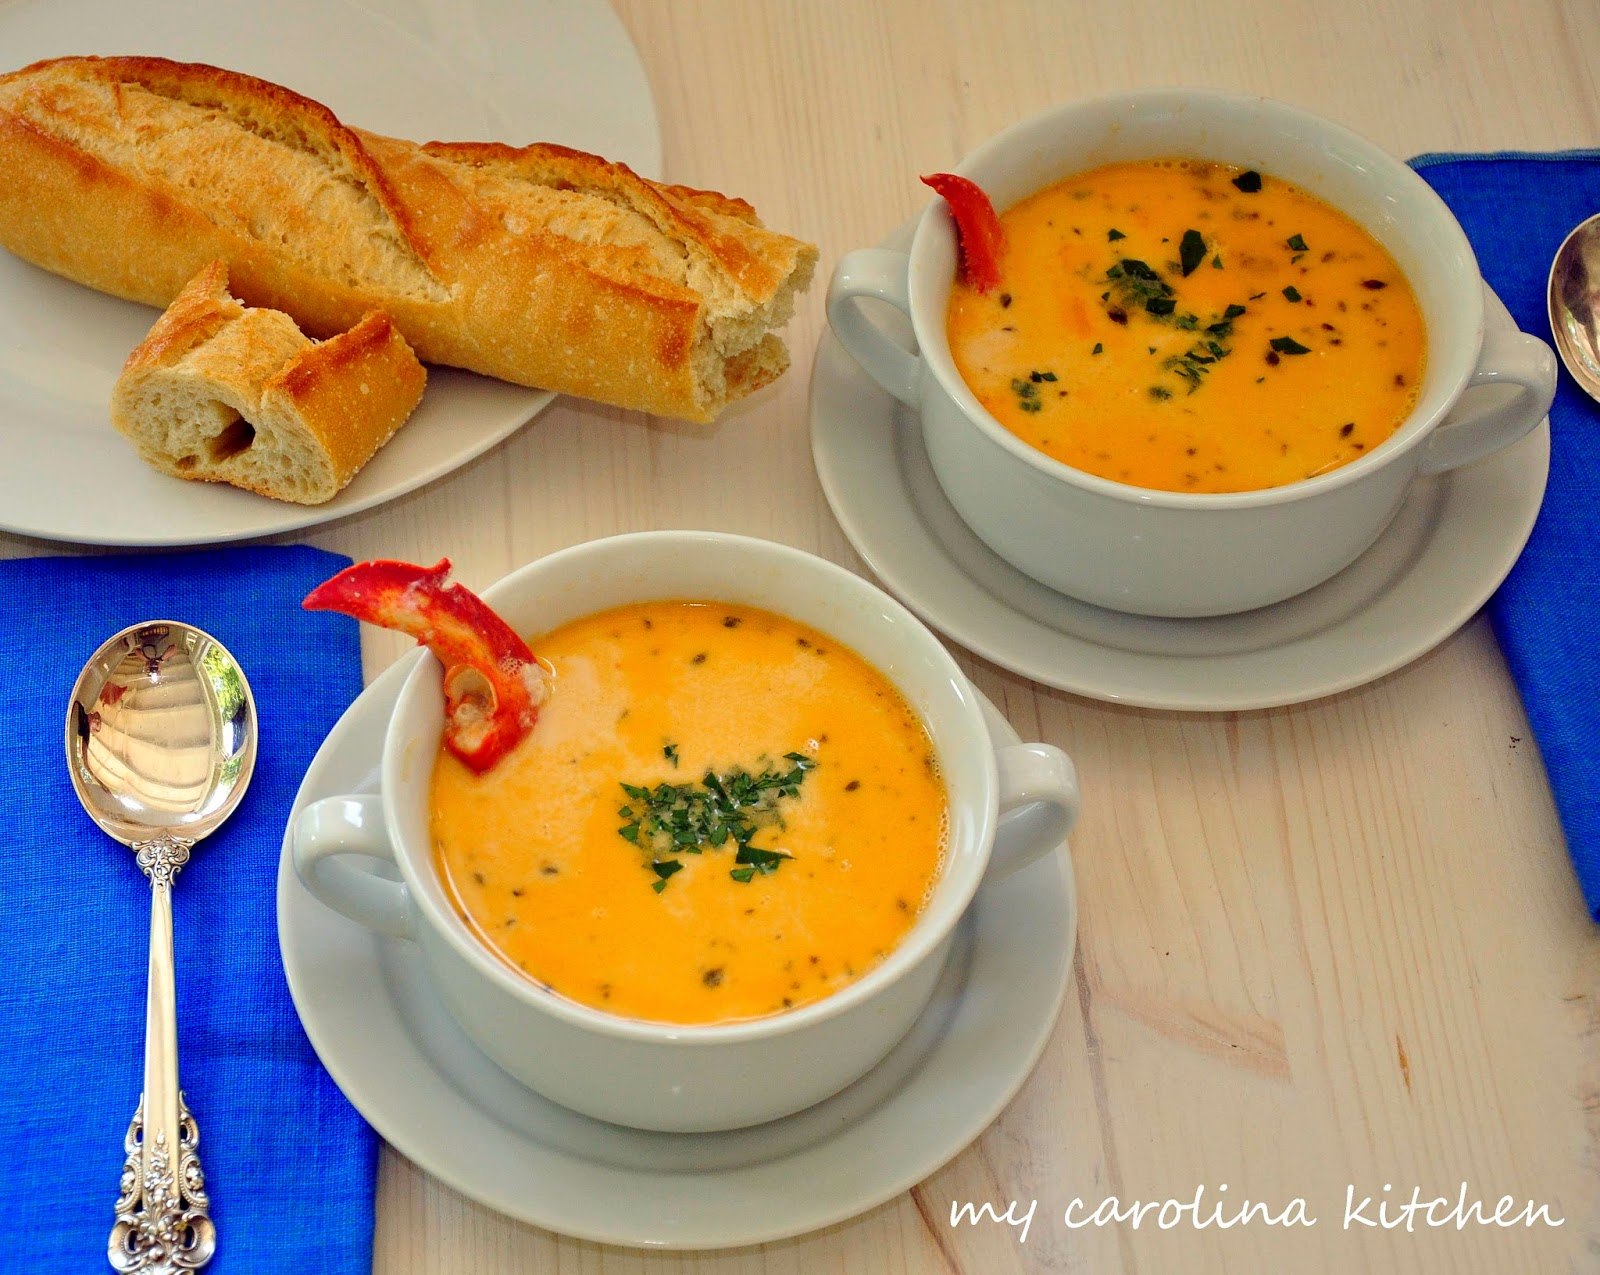 My Carolina Kitchen: Lobster Bisque